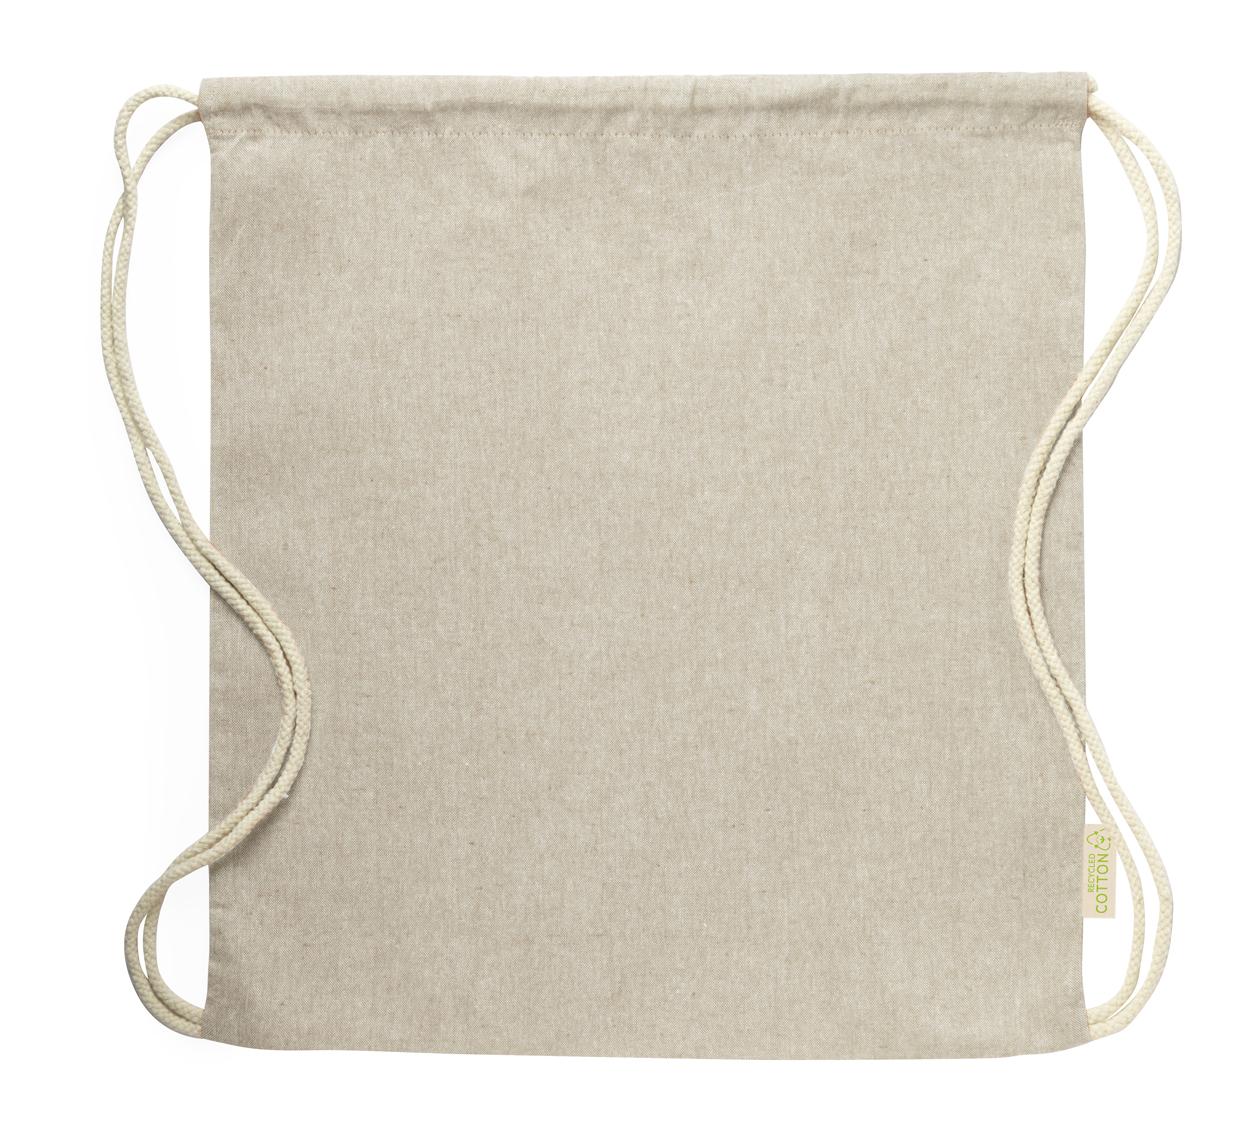 Konim drawstring bag